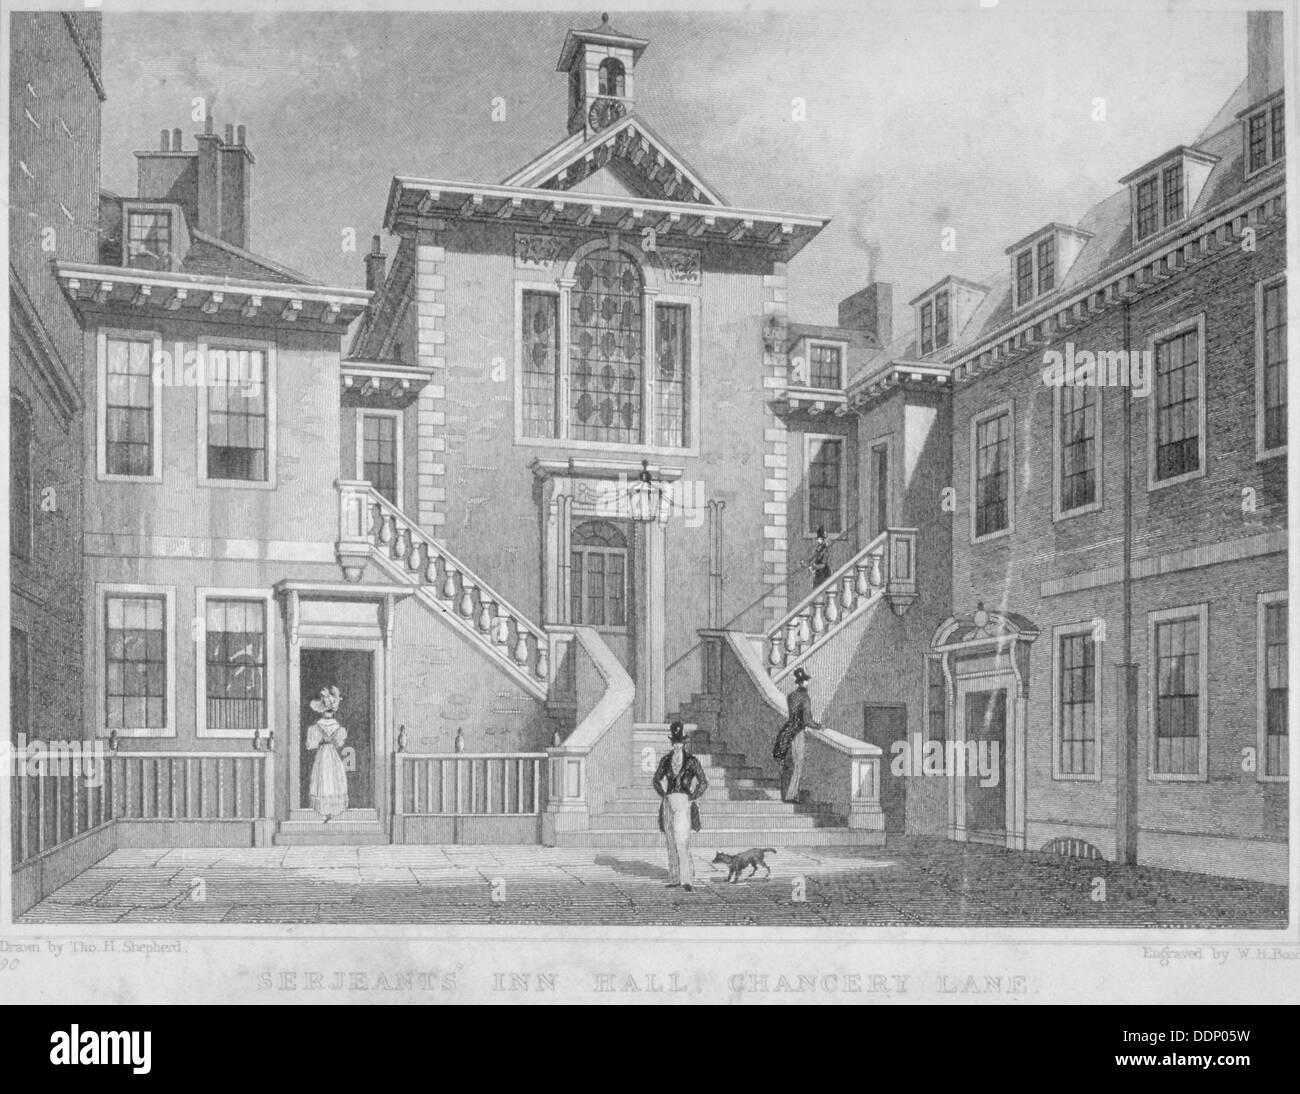 Serjeants' Inn, Chancery Lane, City of London, 1830.        Artist: HW Bond - Stock Image